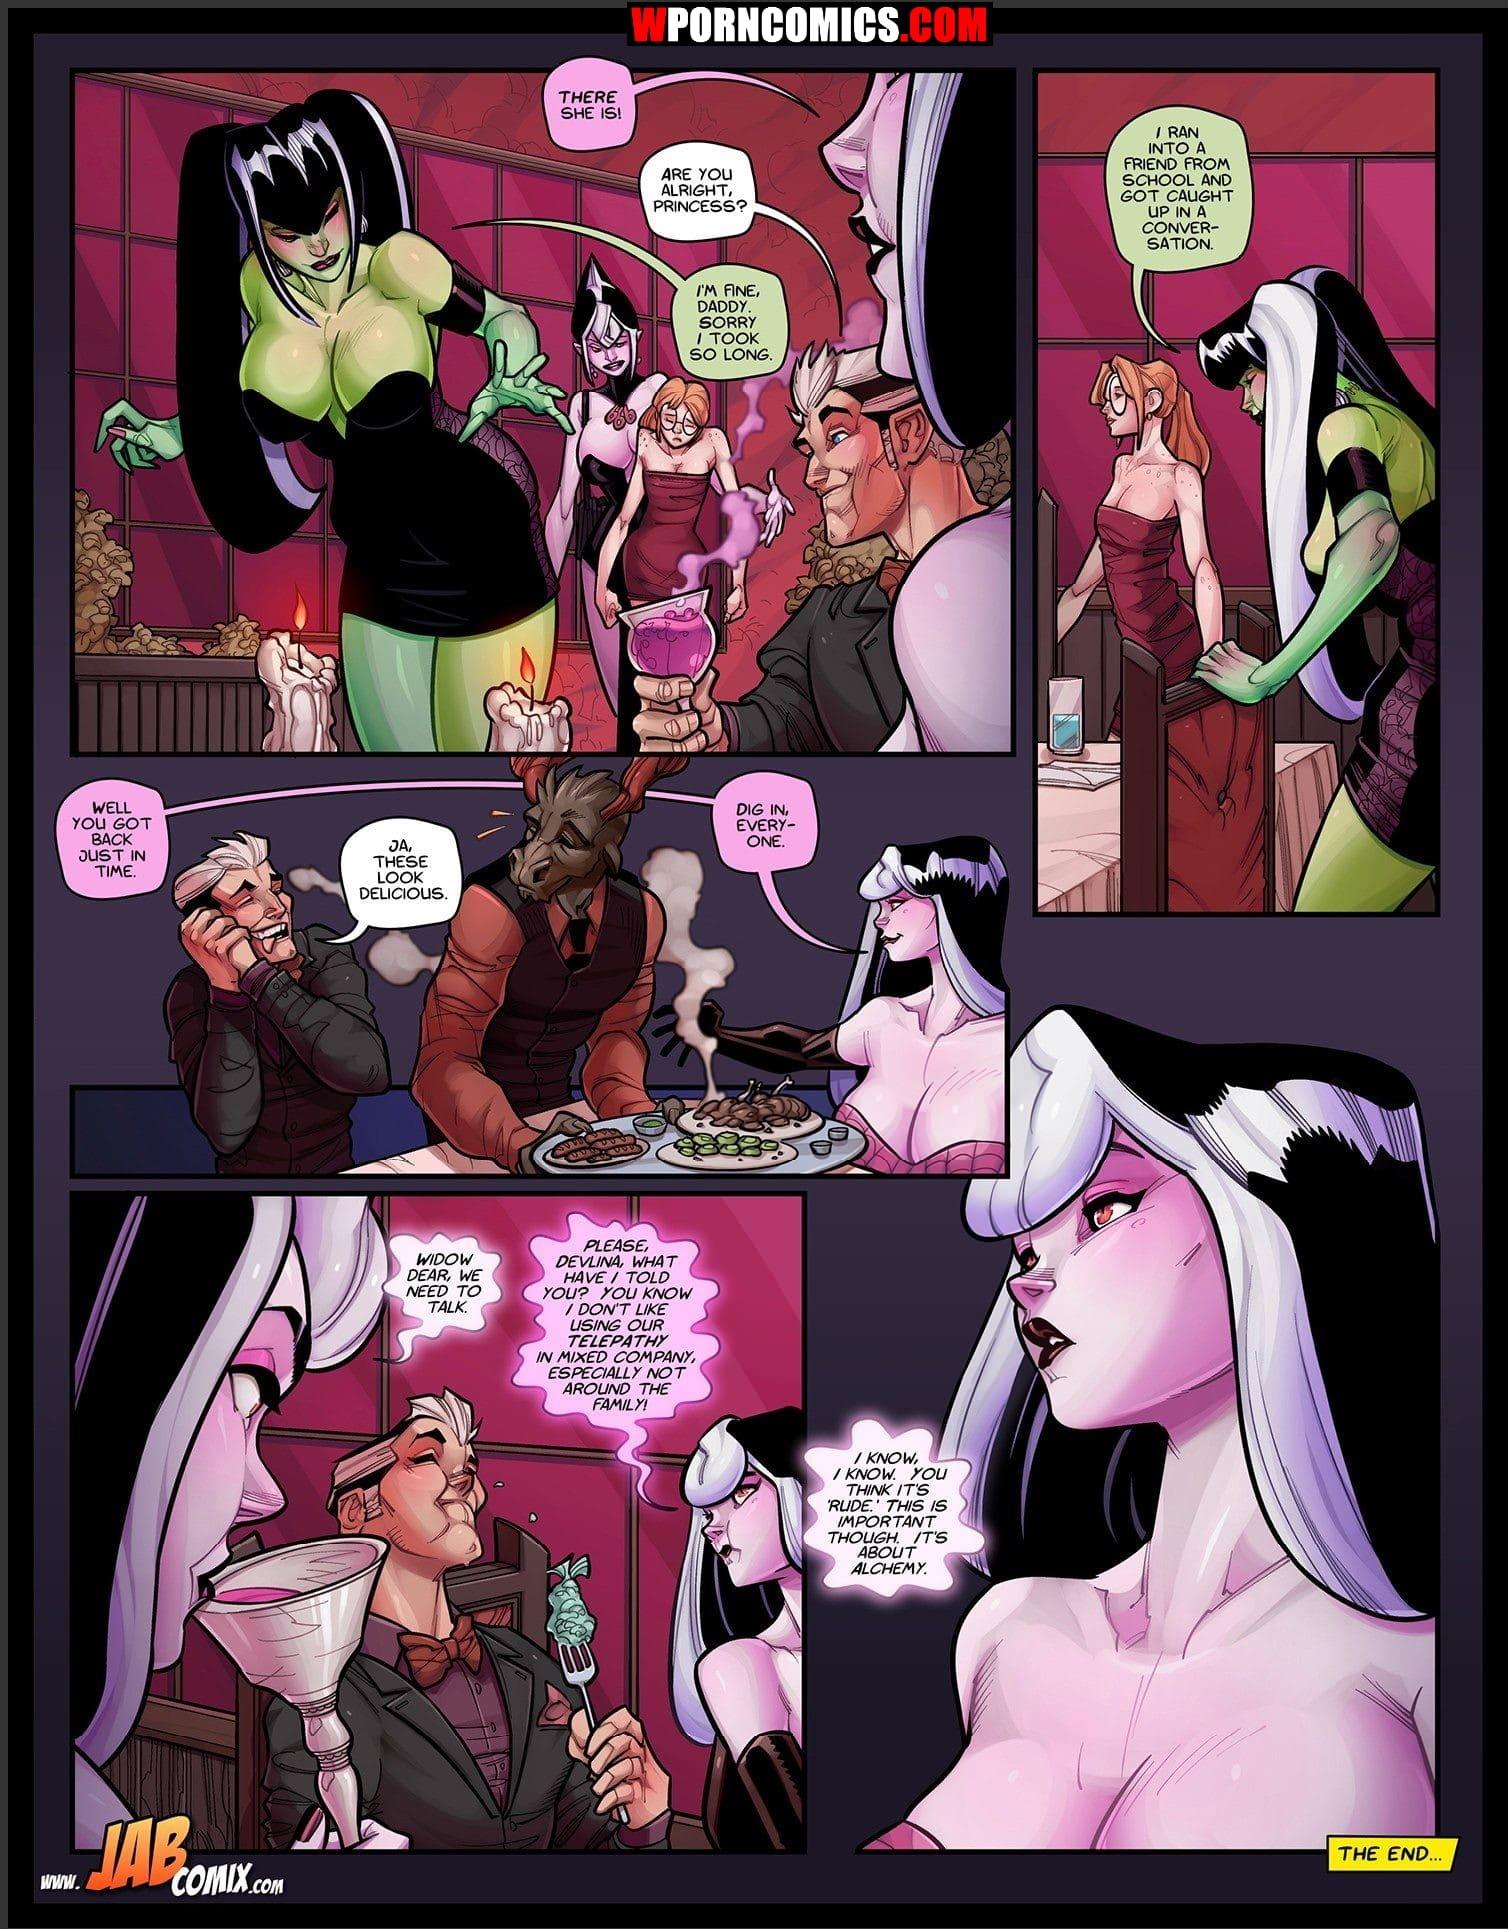 porn-comic-the-creepies-part-3-2020-02-14/porn-comic-the-creepies-part-3-2020-02-14-1983.jpg